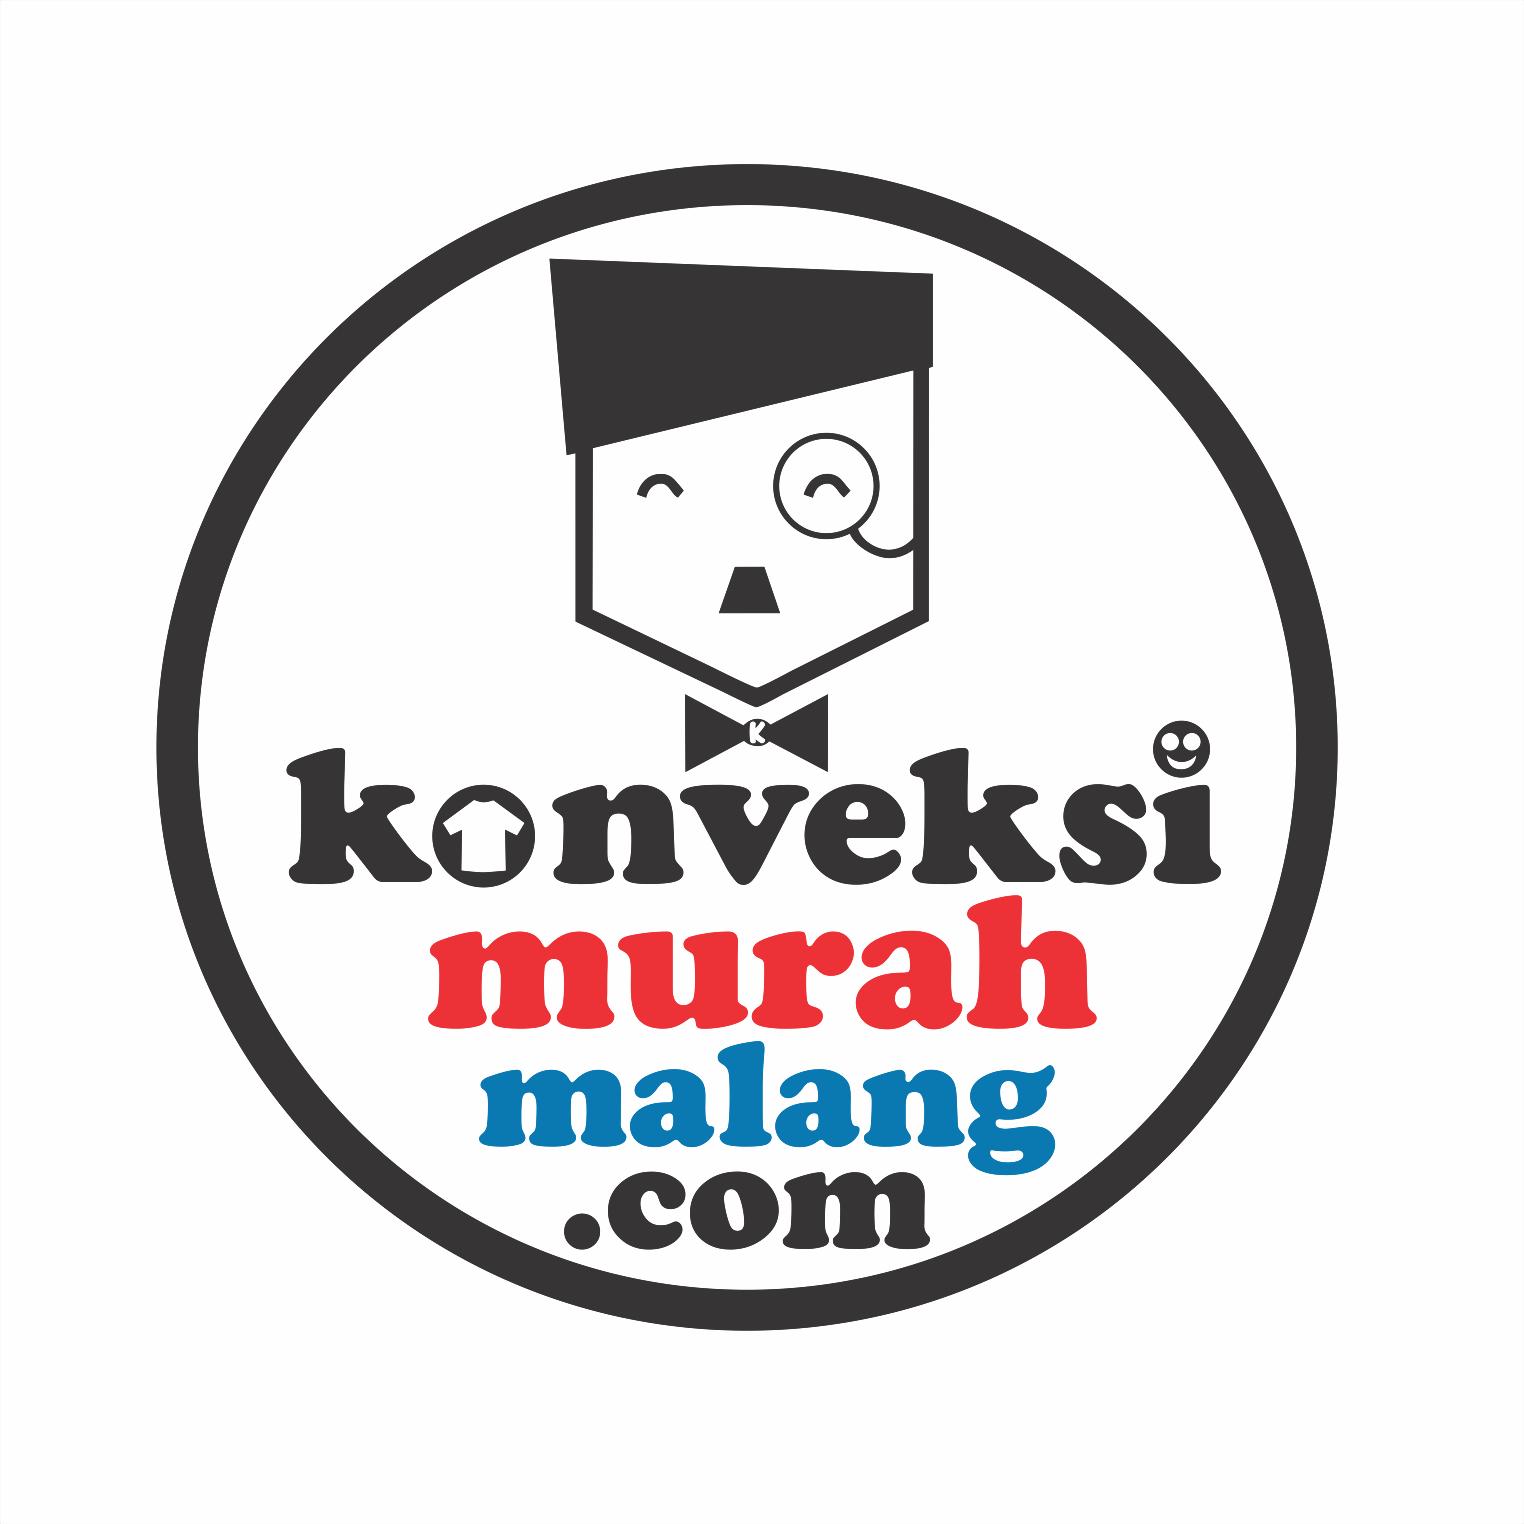 logo konveksi murah malang